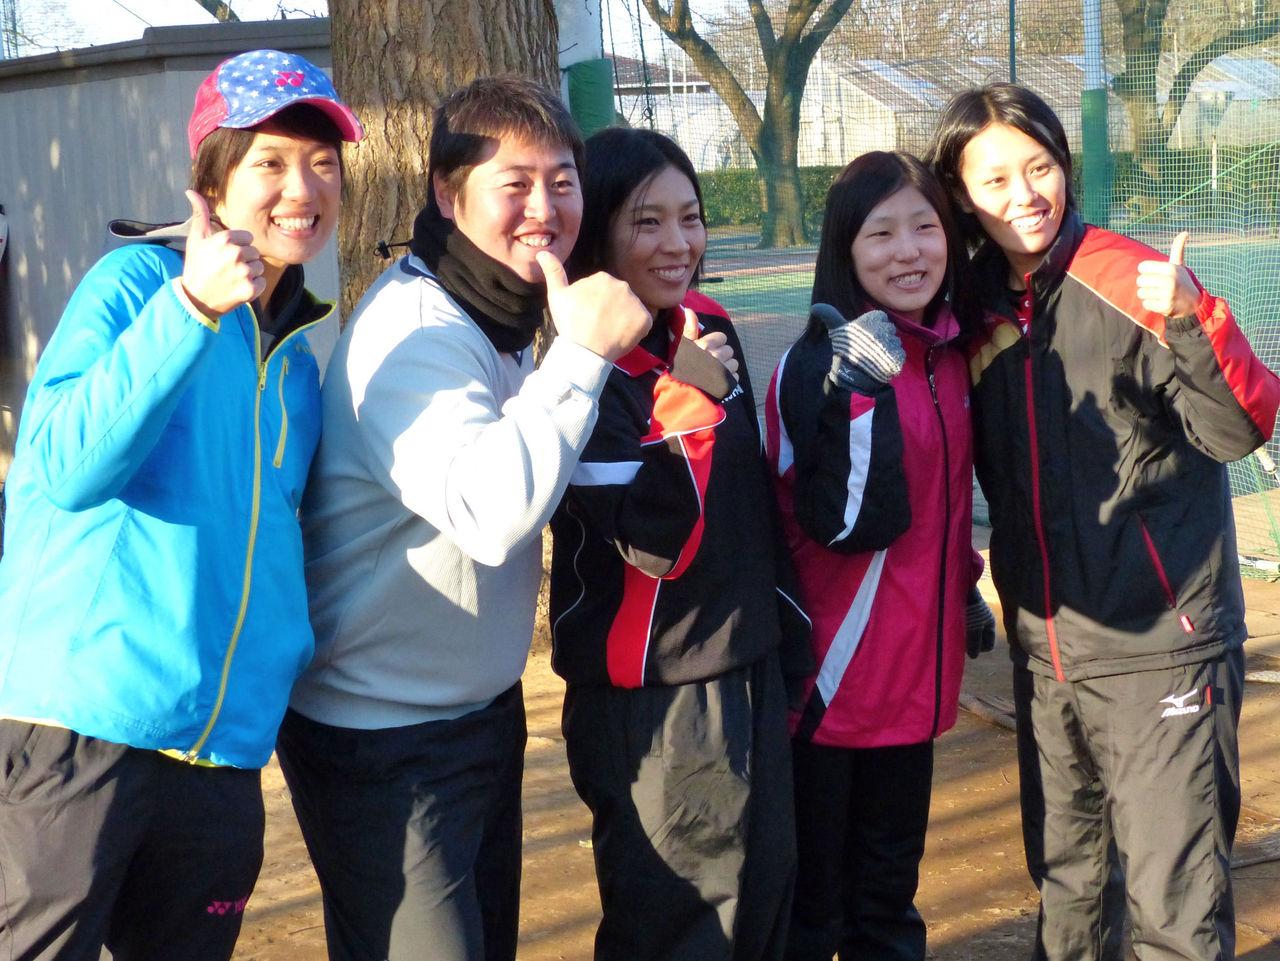 左から、ぉまみさん、白根男子顧問、杉本選手、 白根夫人(旧姓藤本)、森原選手。